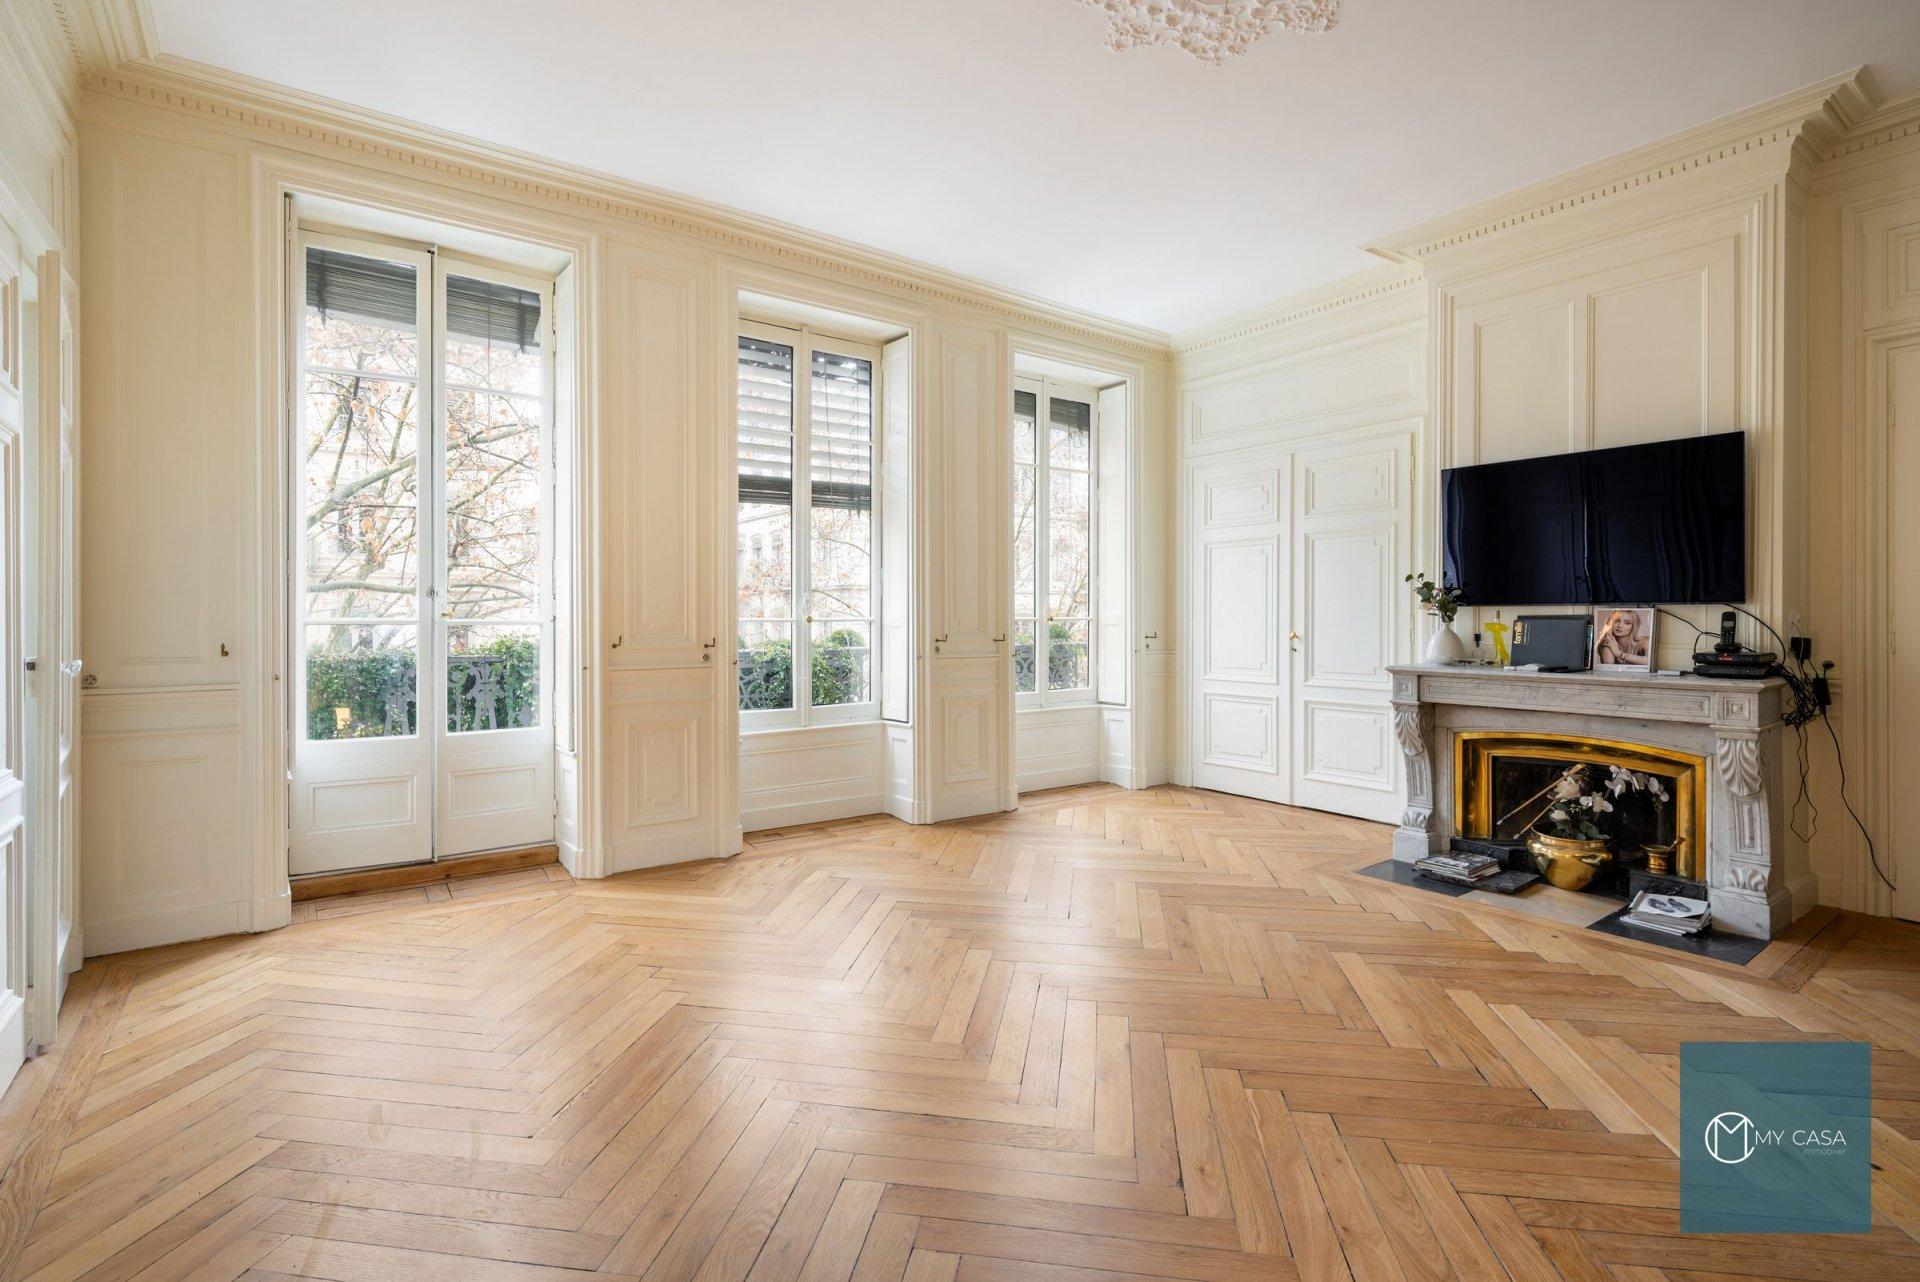 AVENUE FOCH - Magnifique Bourgeois de 74 m2